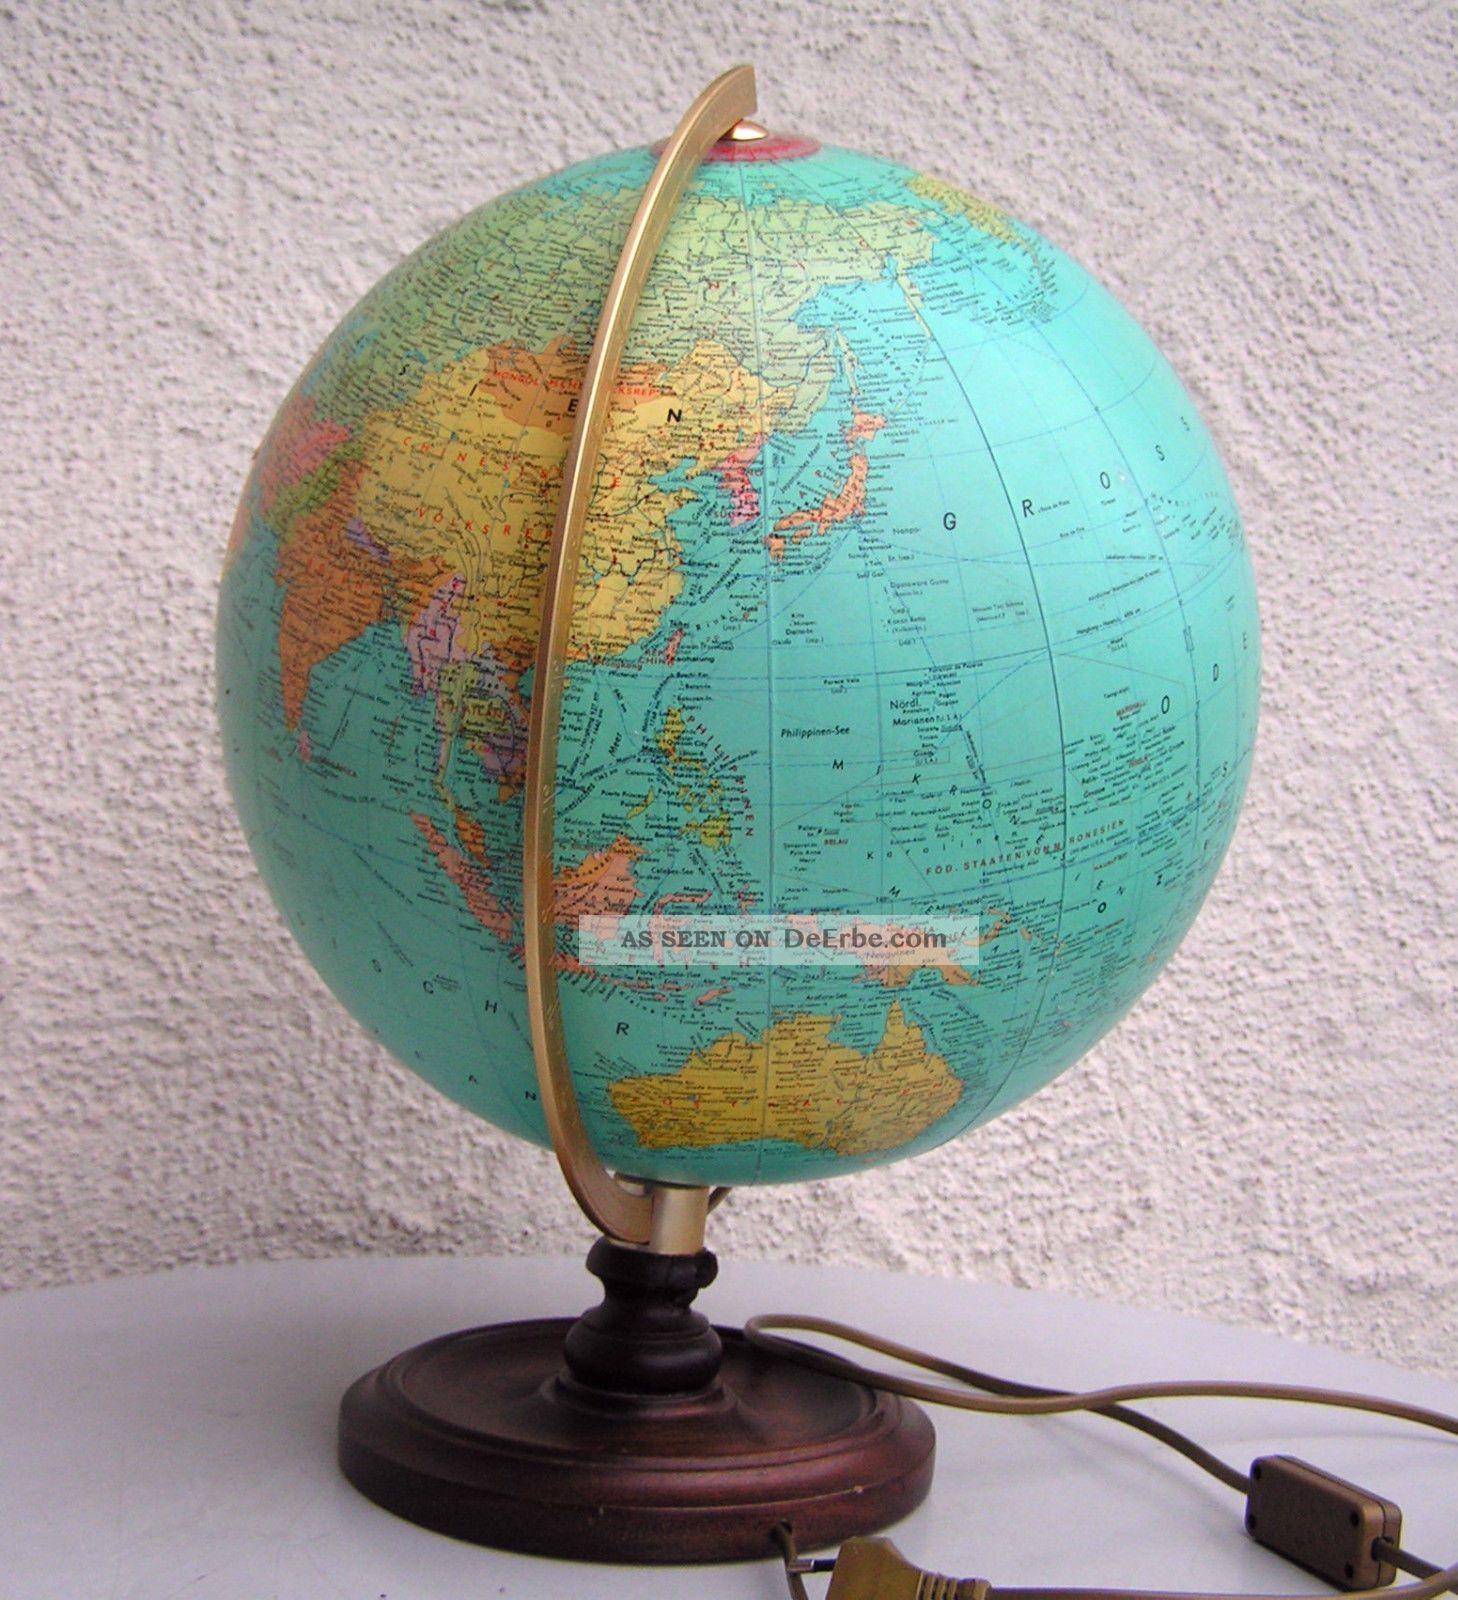 globus alt erdball weltkugel als lampe bzw beleuchtet 70er jahre holz fuss. Black Bedroom Furniture Sets. Home Design Ideas